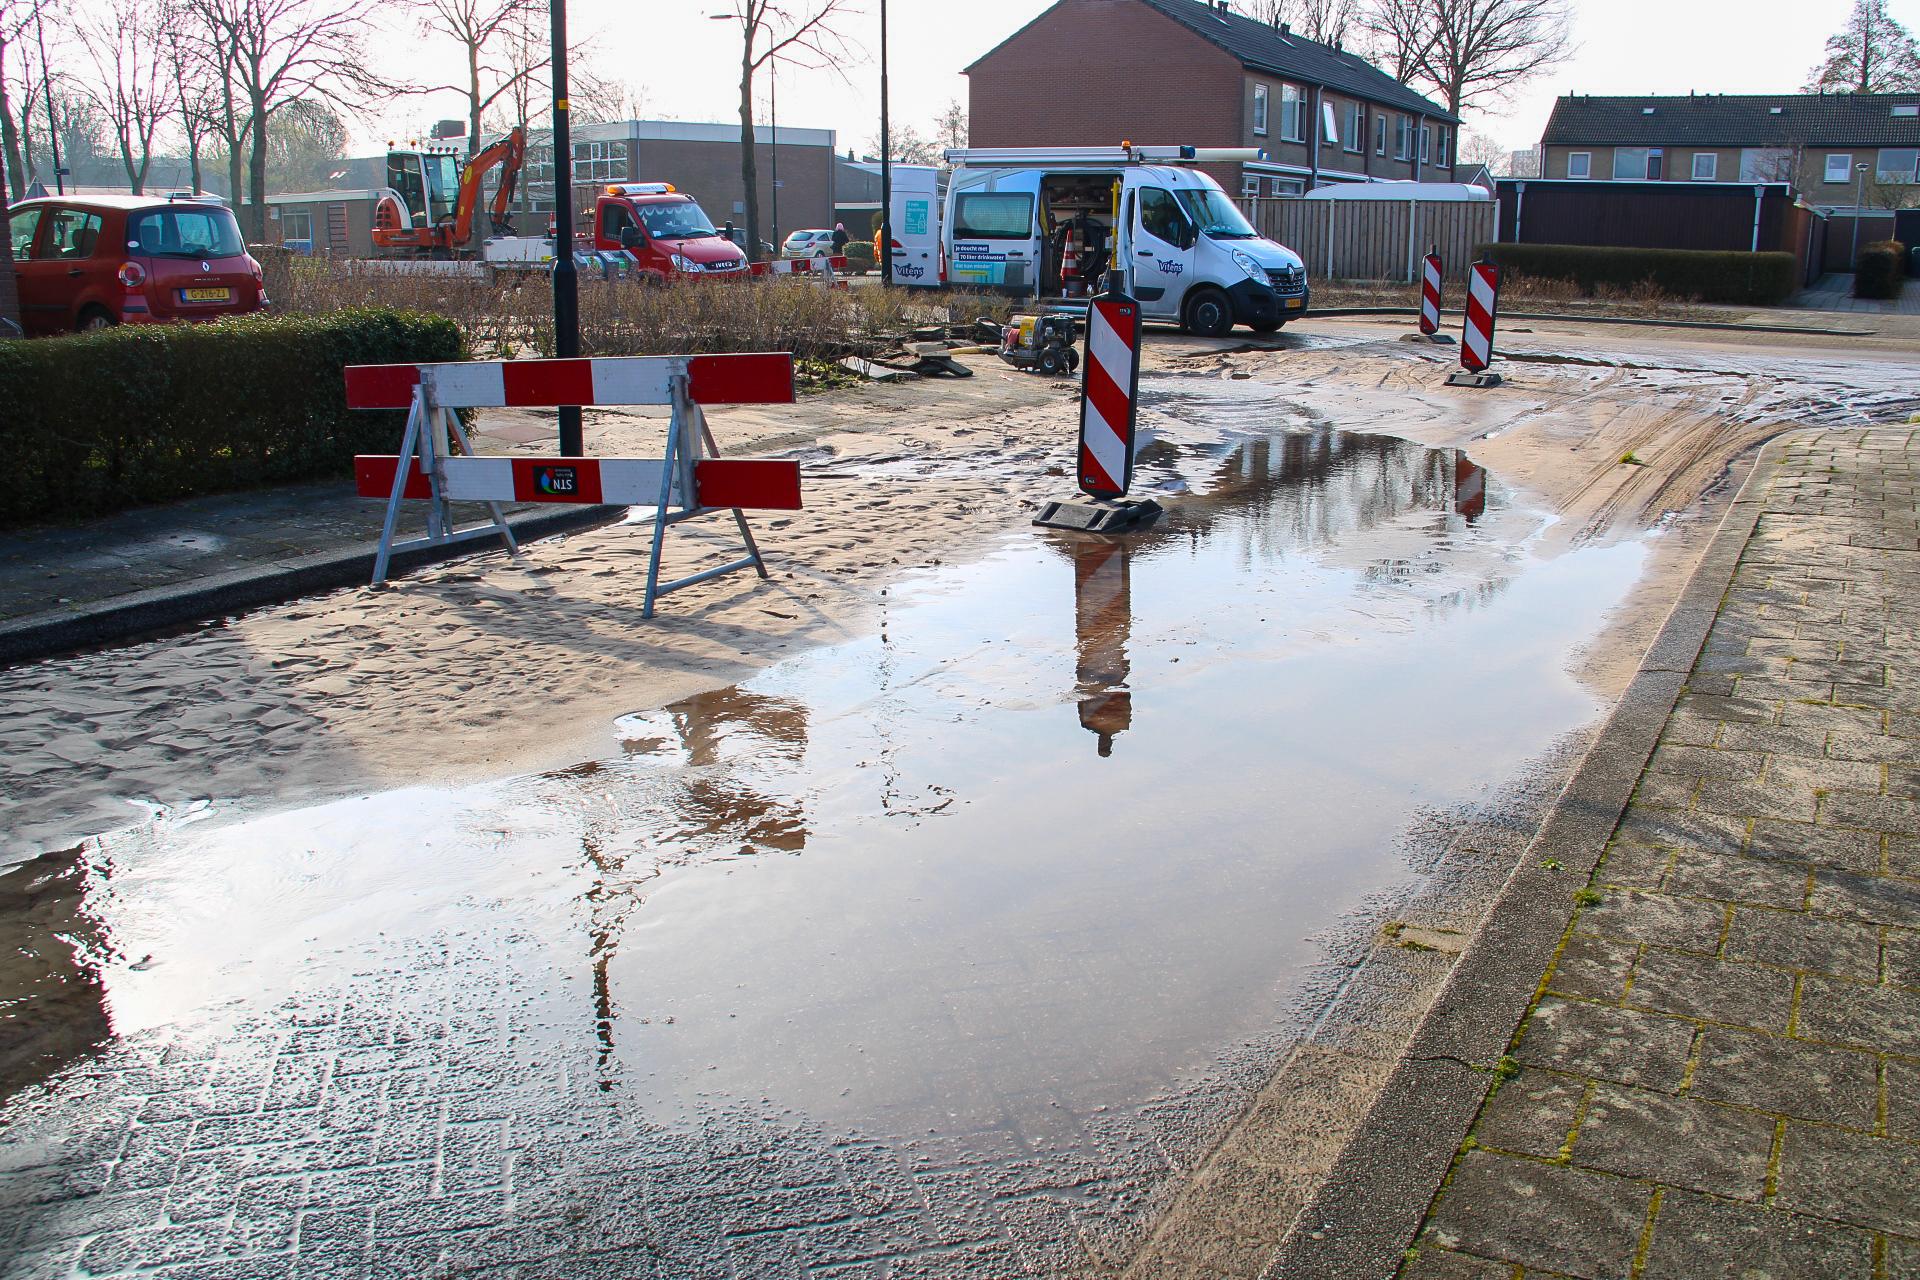 Waterleiding gesprongen in Apeldoornse wijk Zevenhuizen